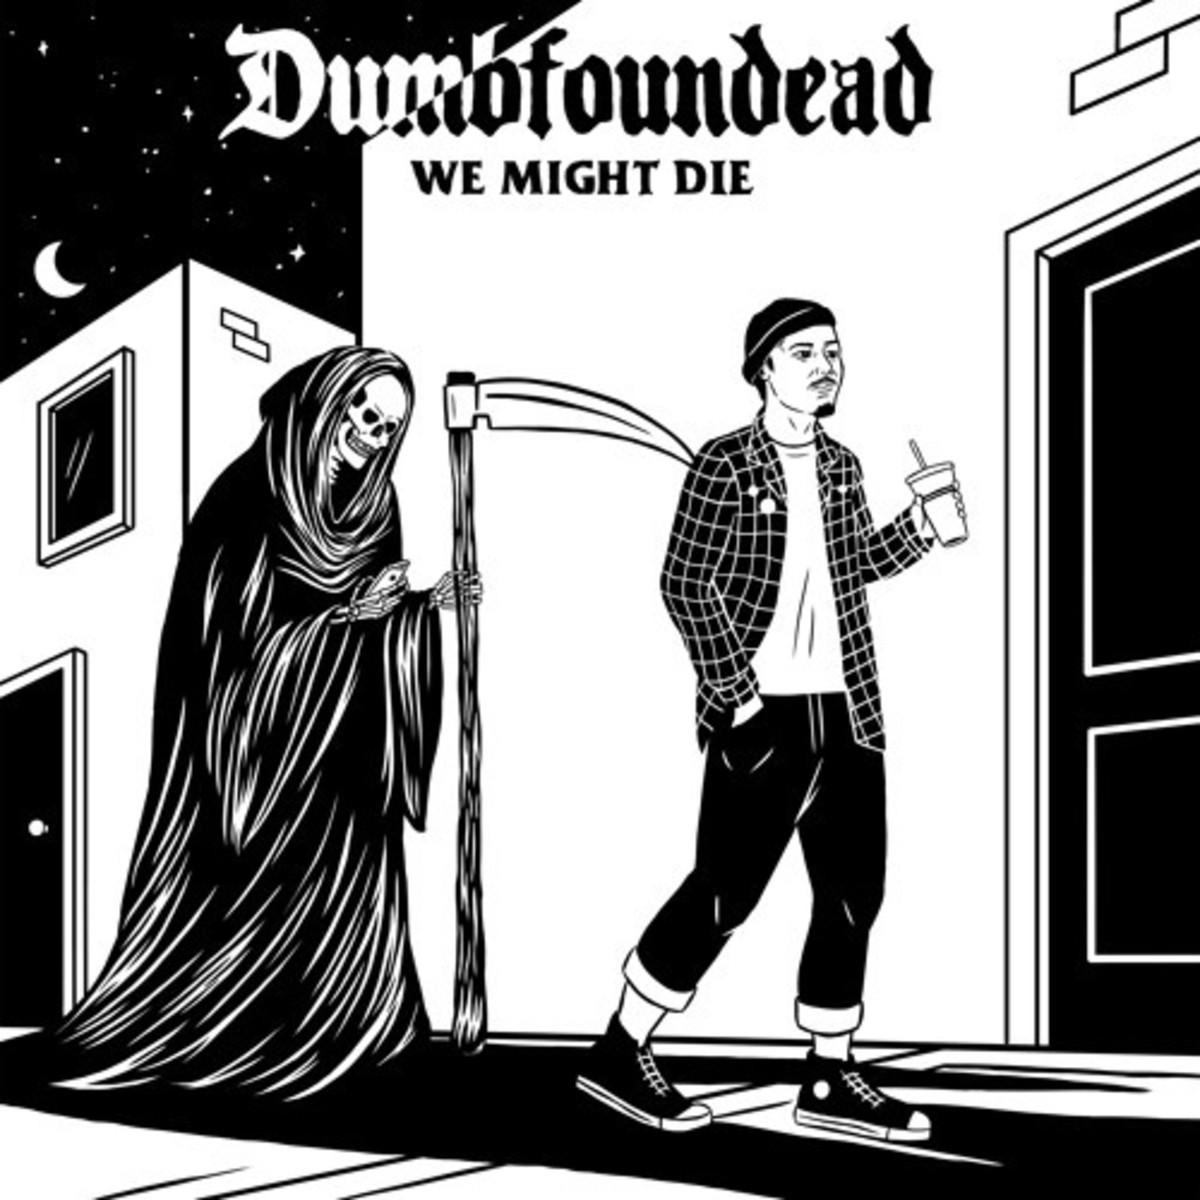 dumbfoundead-we-might-die.jpg